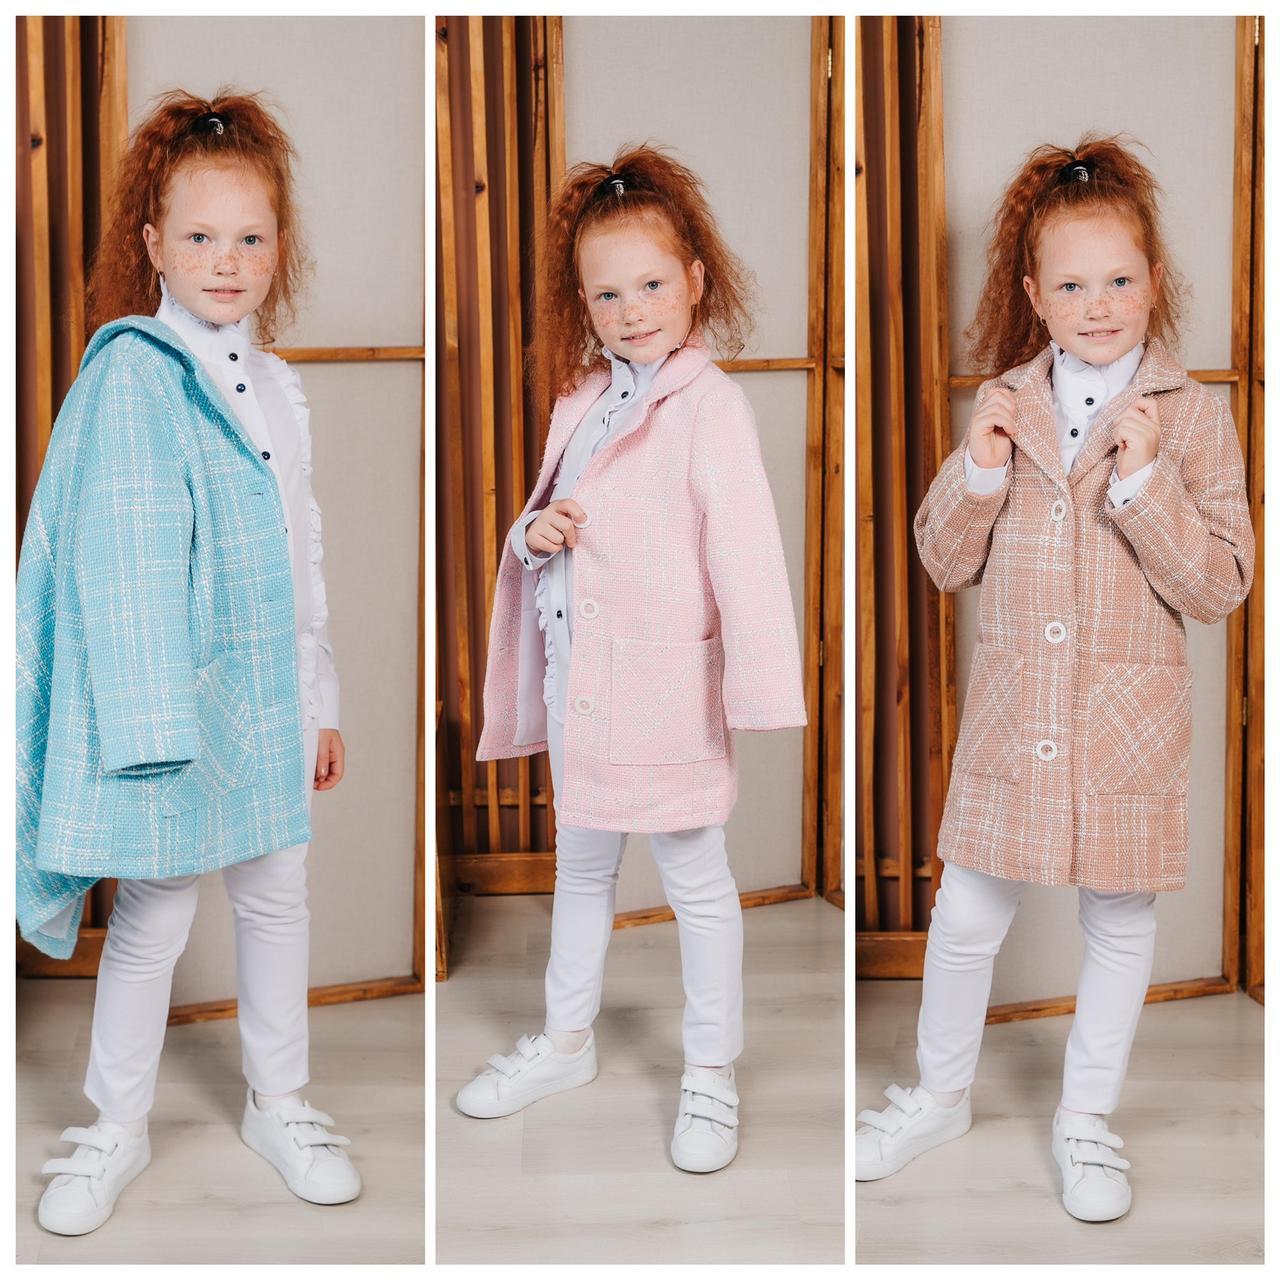 Пальто-пиджак детское демисезонное для девочки Шарлотта|  размеры на рост 122, 128, 134, 140р.